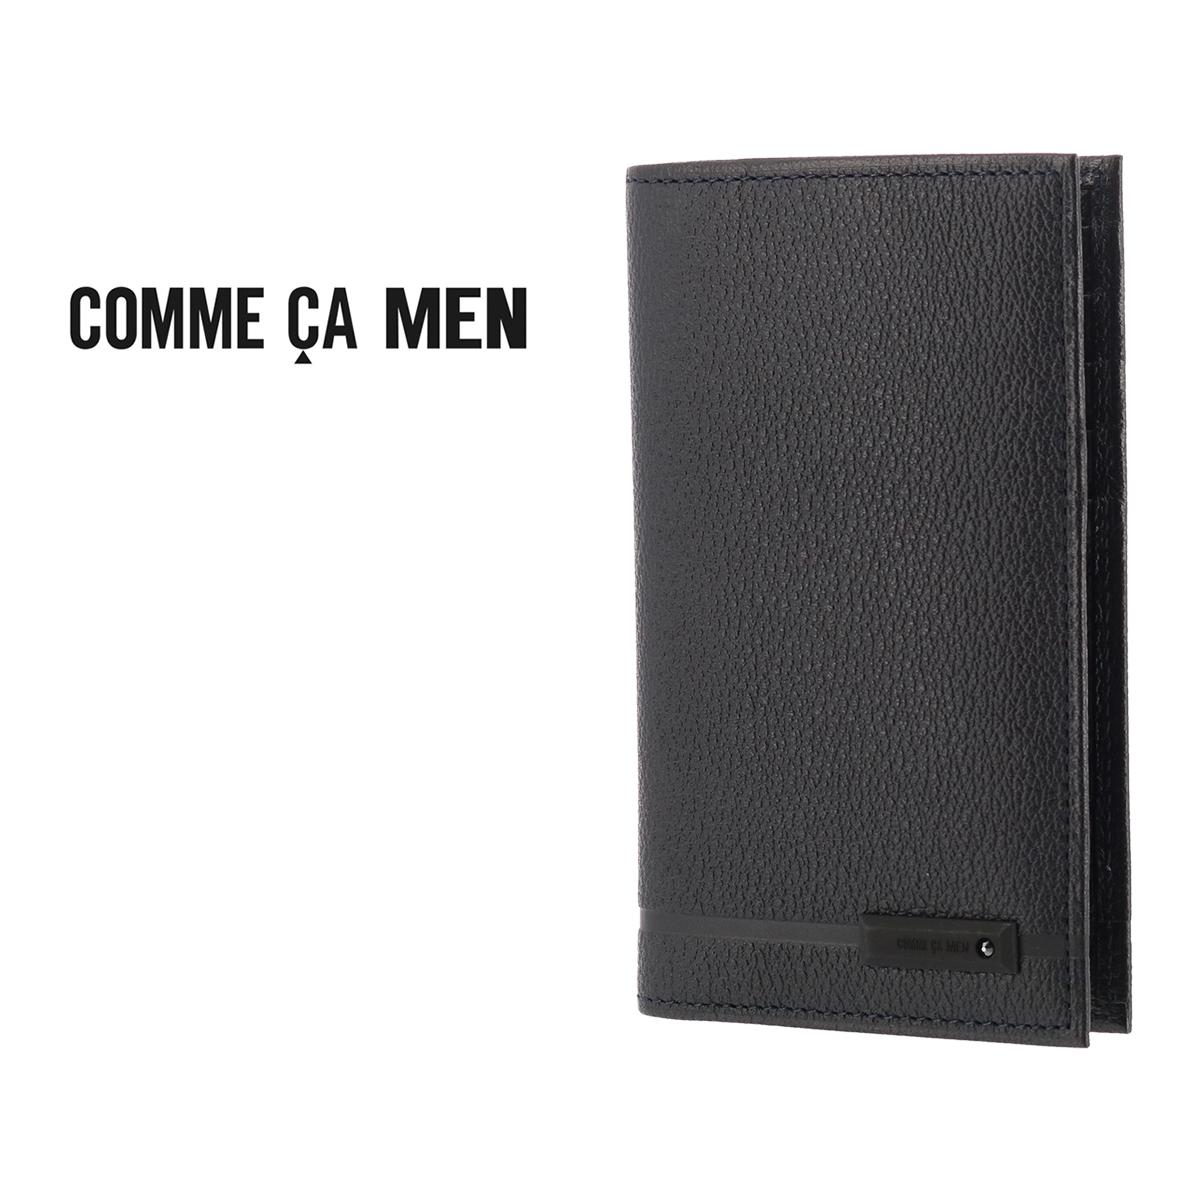 コムサメン カードケース Ombre オンブル 5675 COMME CA MEN 牛革 本革 レザー メンズ[bef][即日発送]